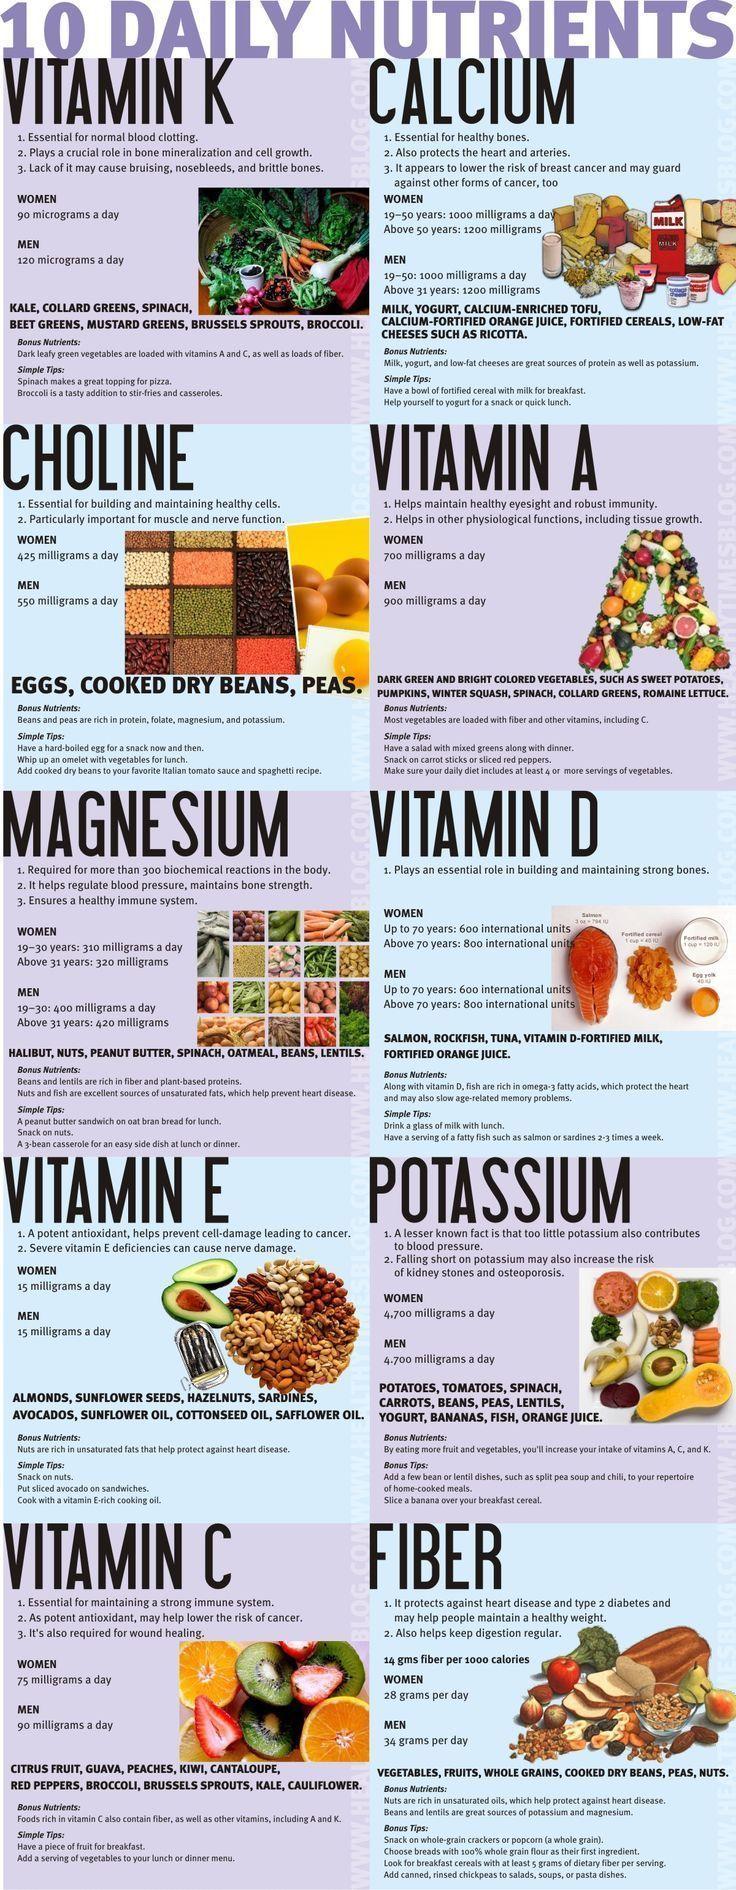 Bezugsquellen für vegane Nahrungsmittel